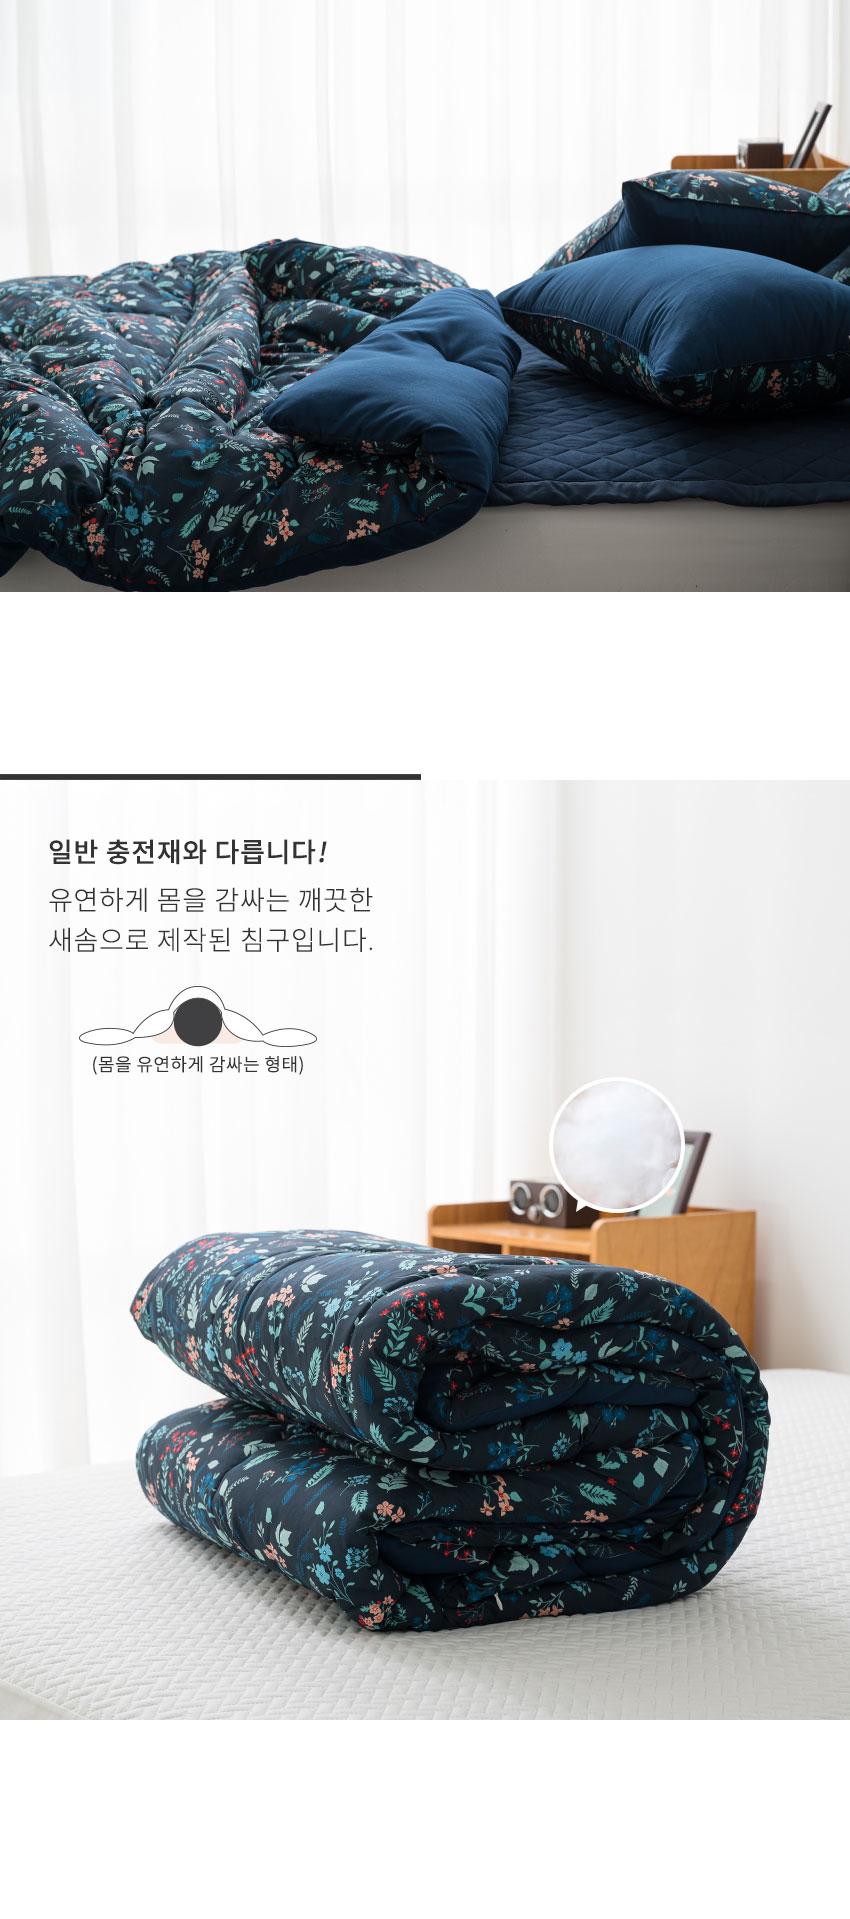 enco_bed_03.jpg